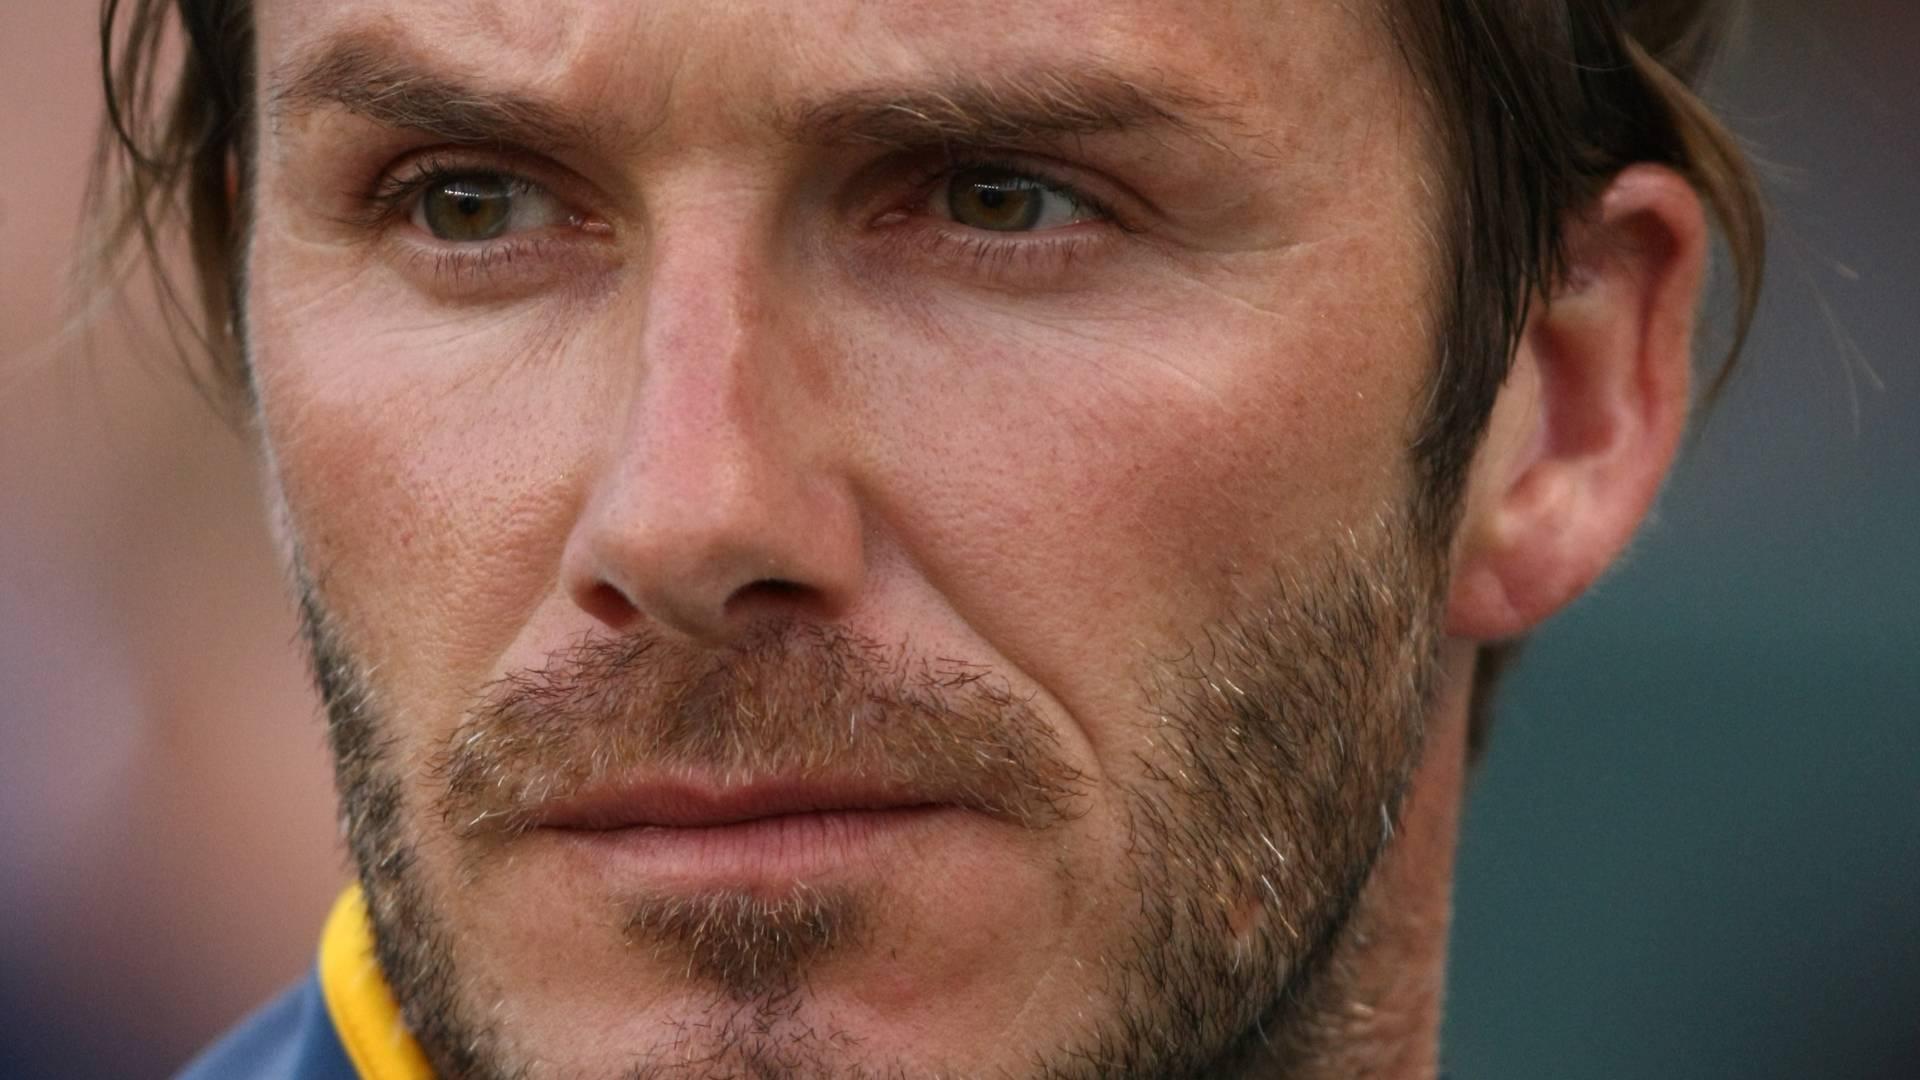 Sob os olhares dos filhos, o jogador David Beckham joga contra o Seattle Sounders em Los Angeles (4/7/11)